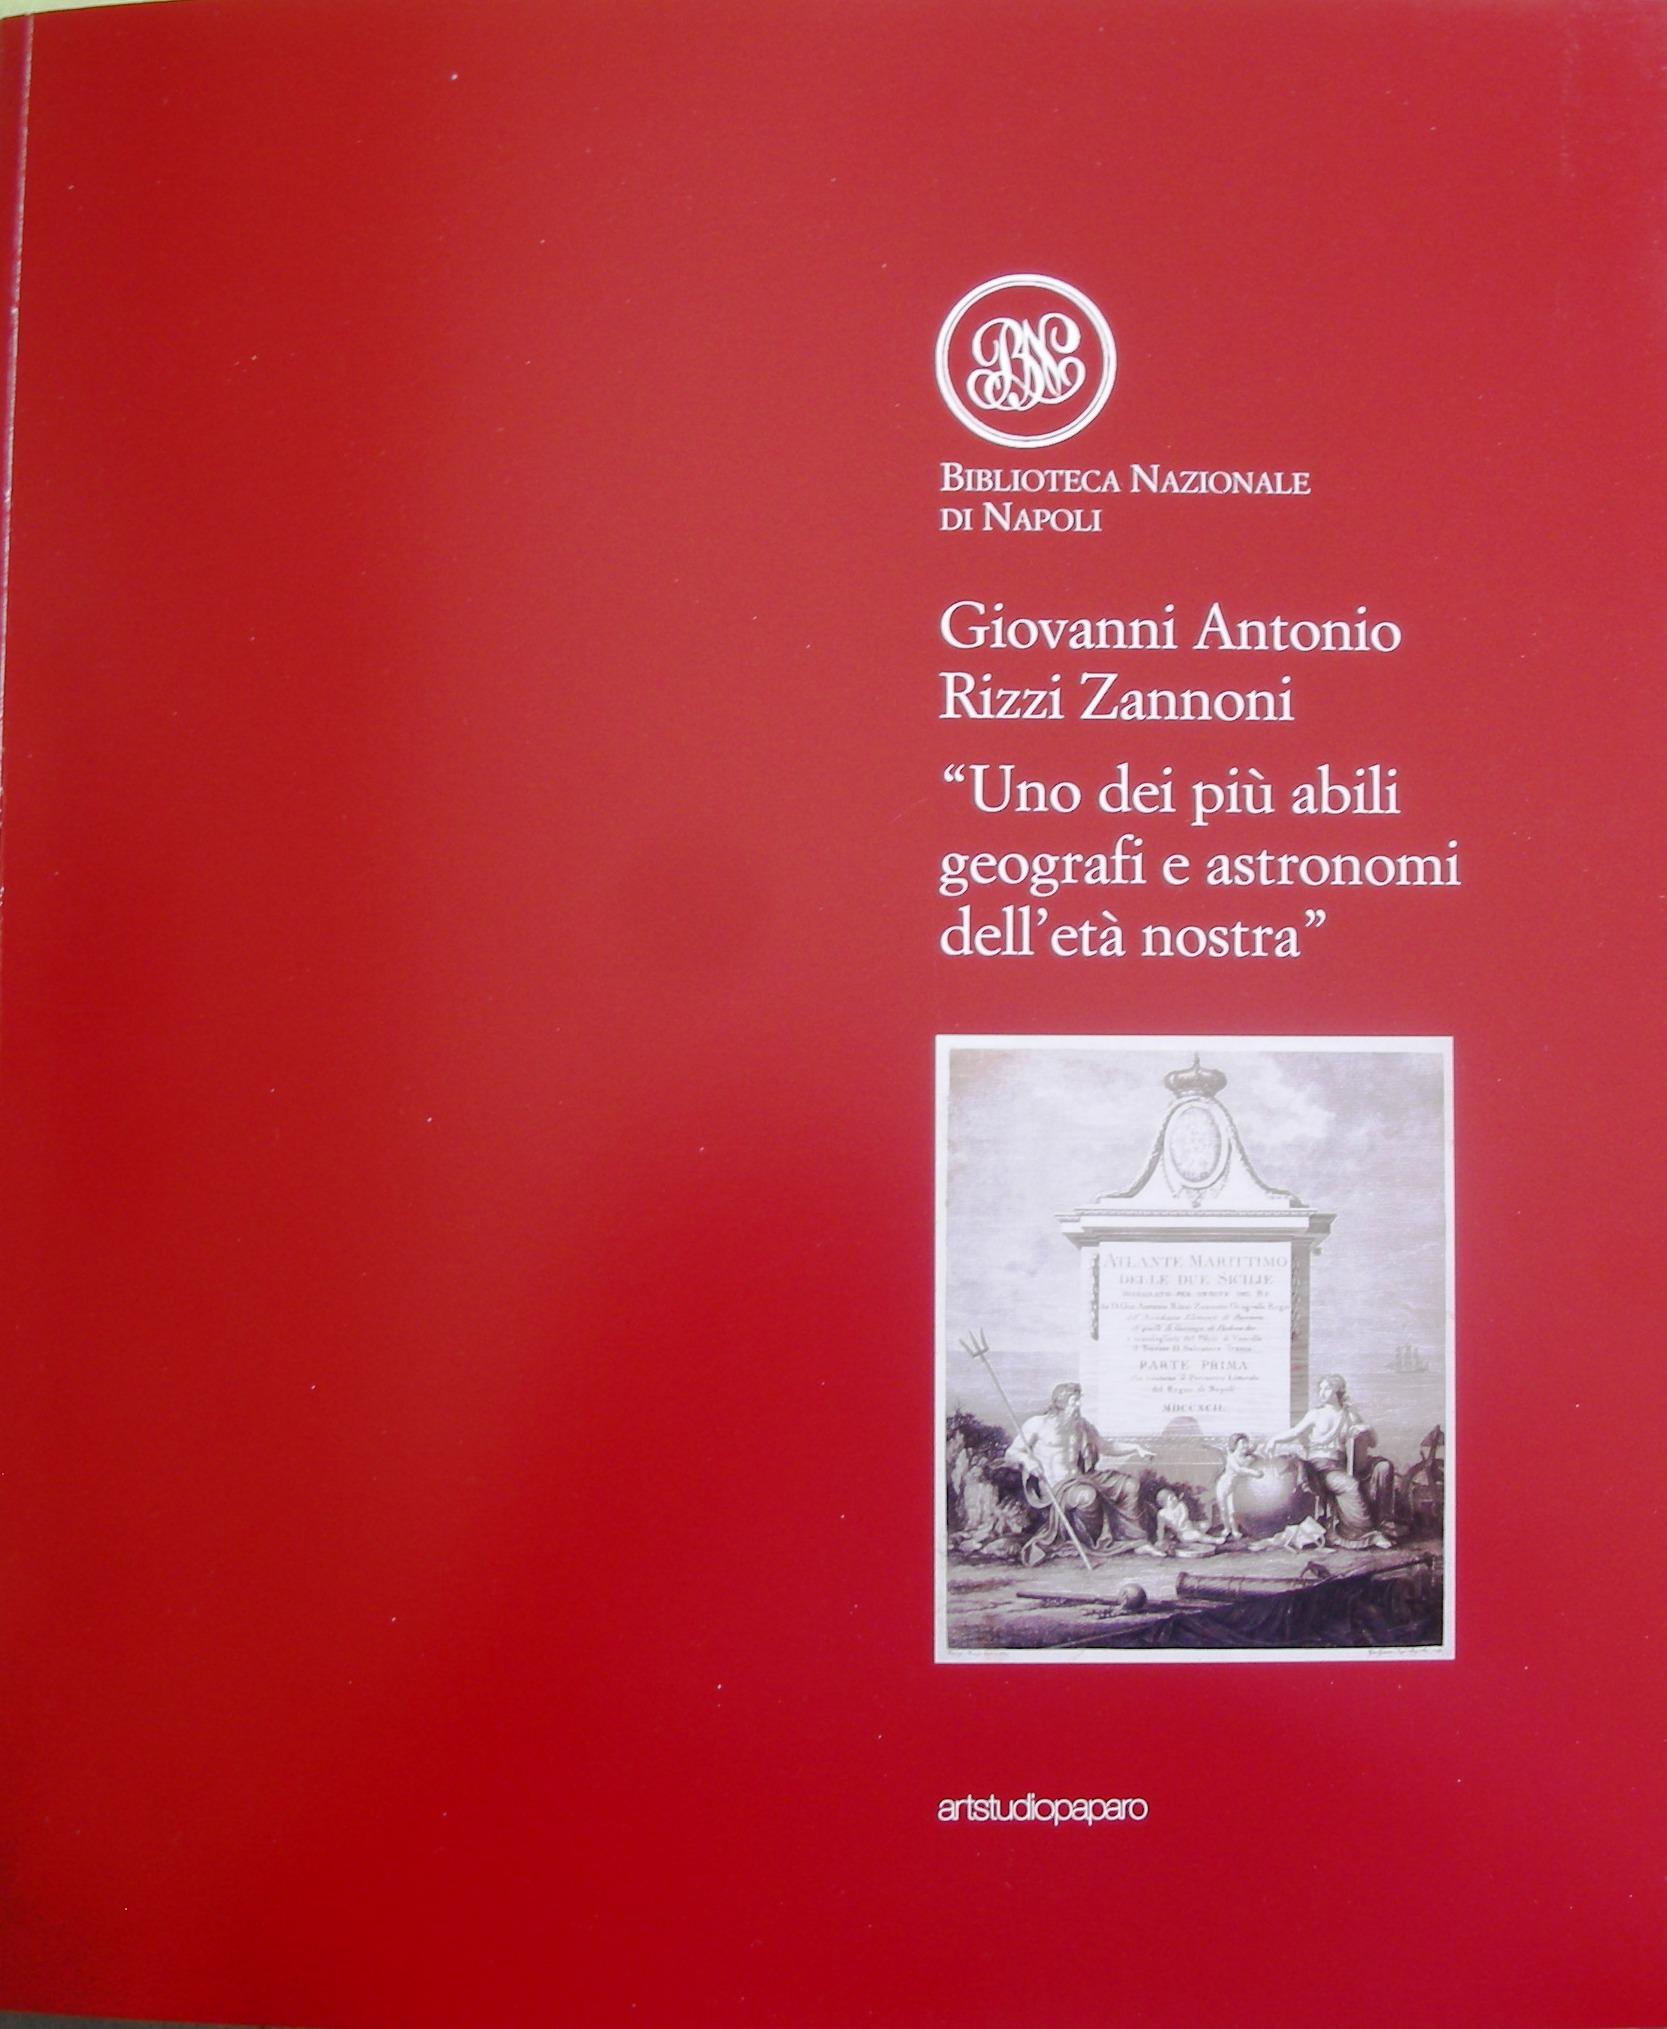 Giovanni Antonio Rizzi Zannoni